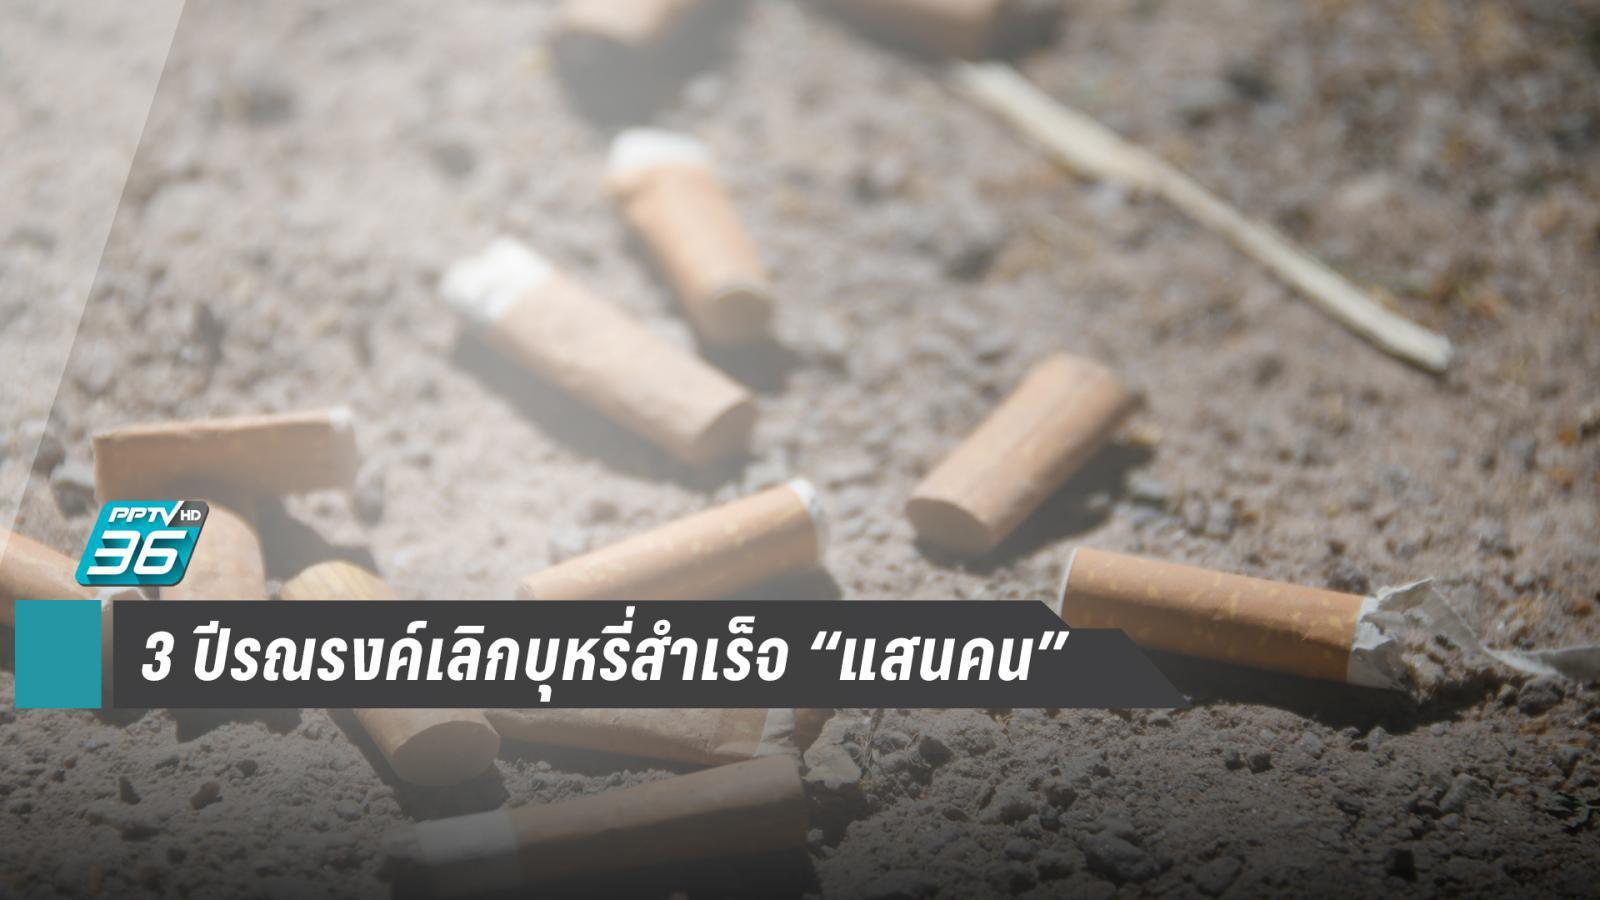 """เปิดตัวเลขคนเลิกบุหรี่ """"แสนคน"""" ประหยัดเงินซื้อ 12 ล้านบาทต่อวัน"""